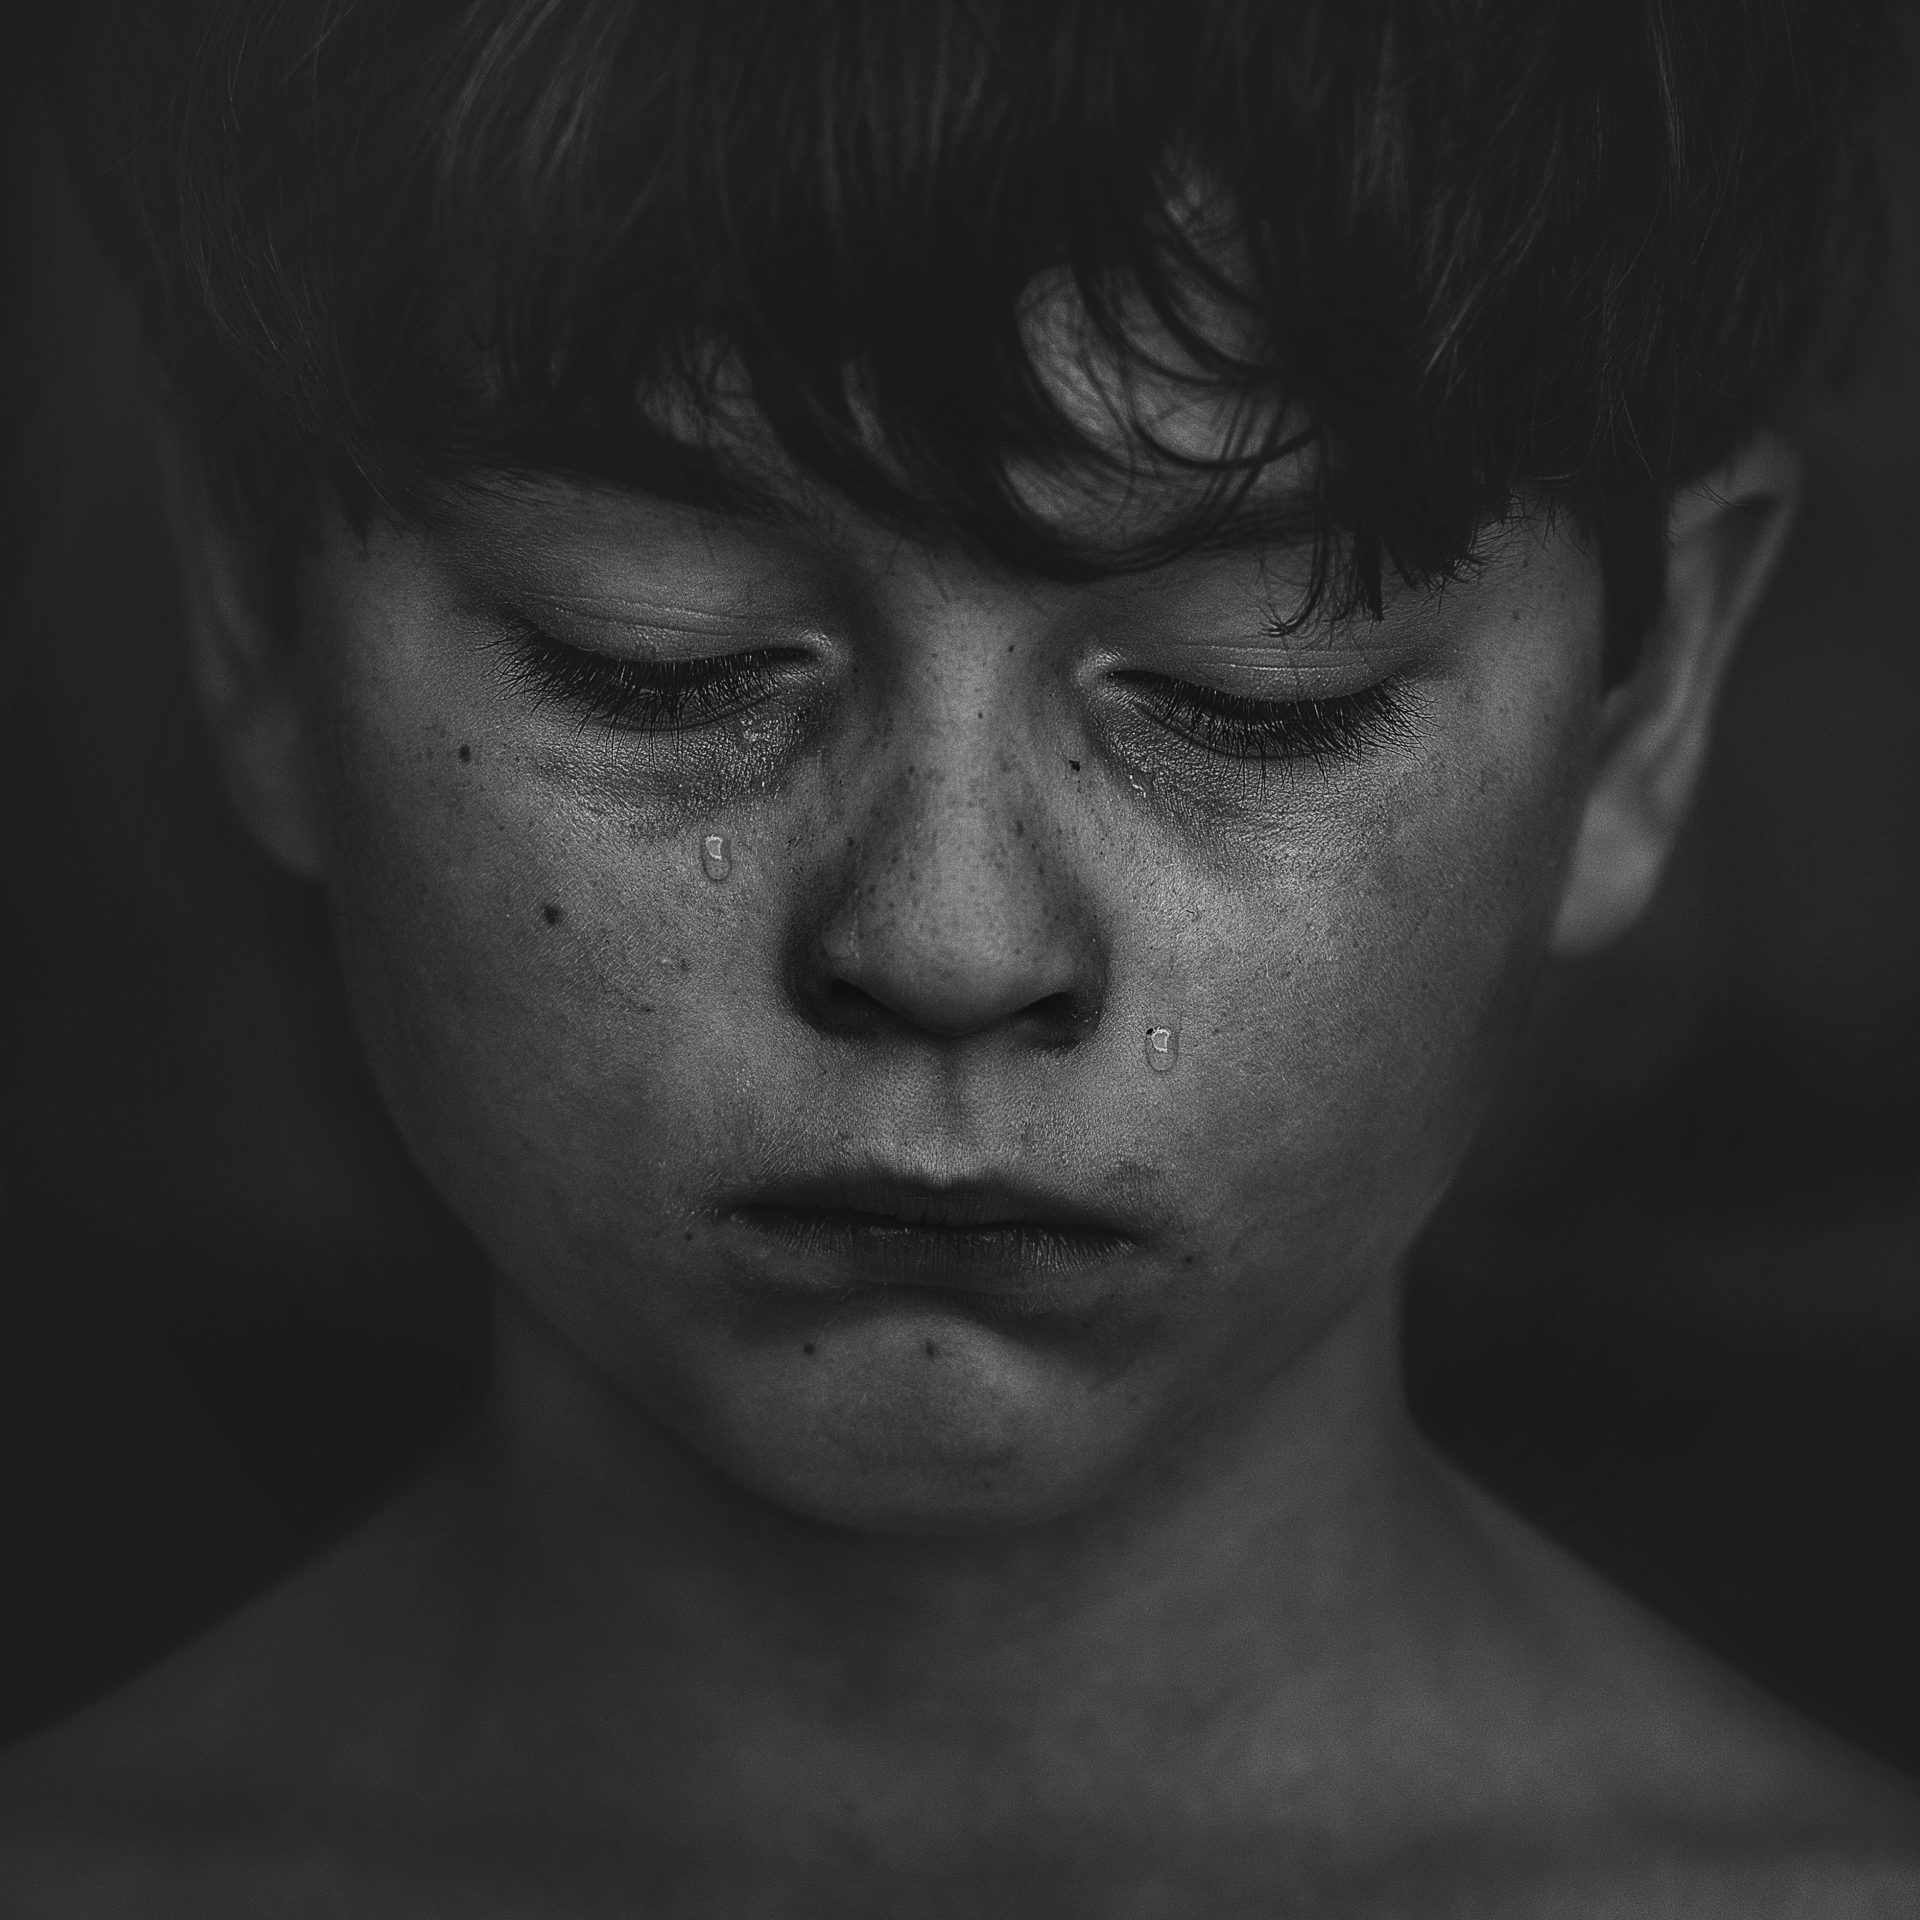 Narzędzia Pozytywnej Dyscypliny: Zaakceptuj i uszanuj uczucia dziecka.